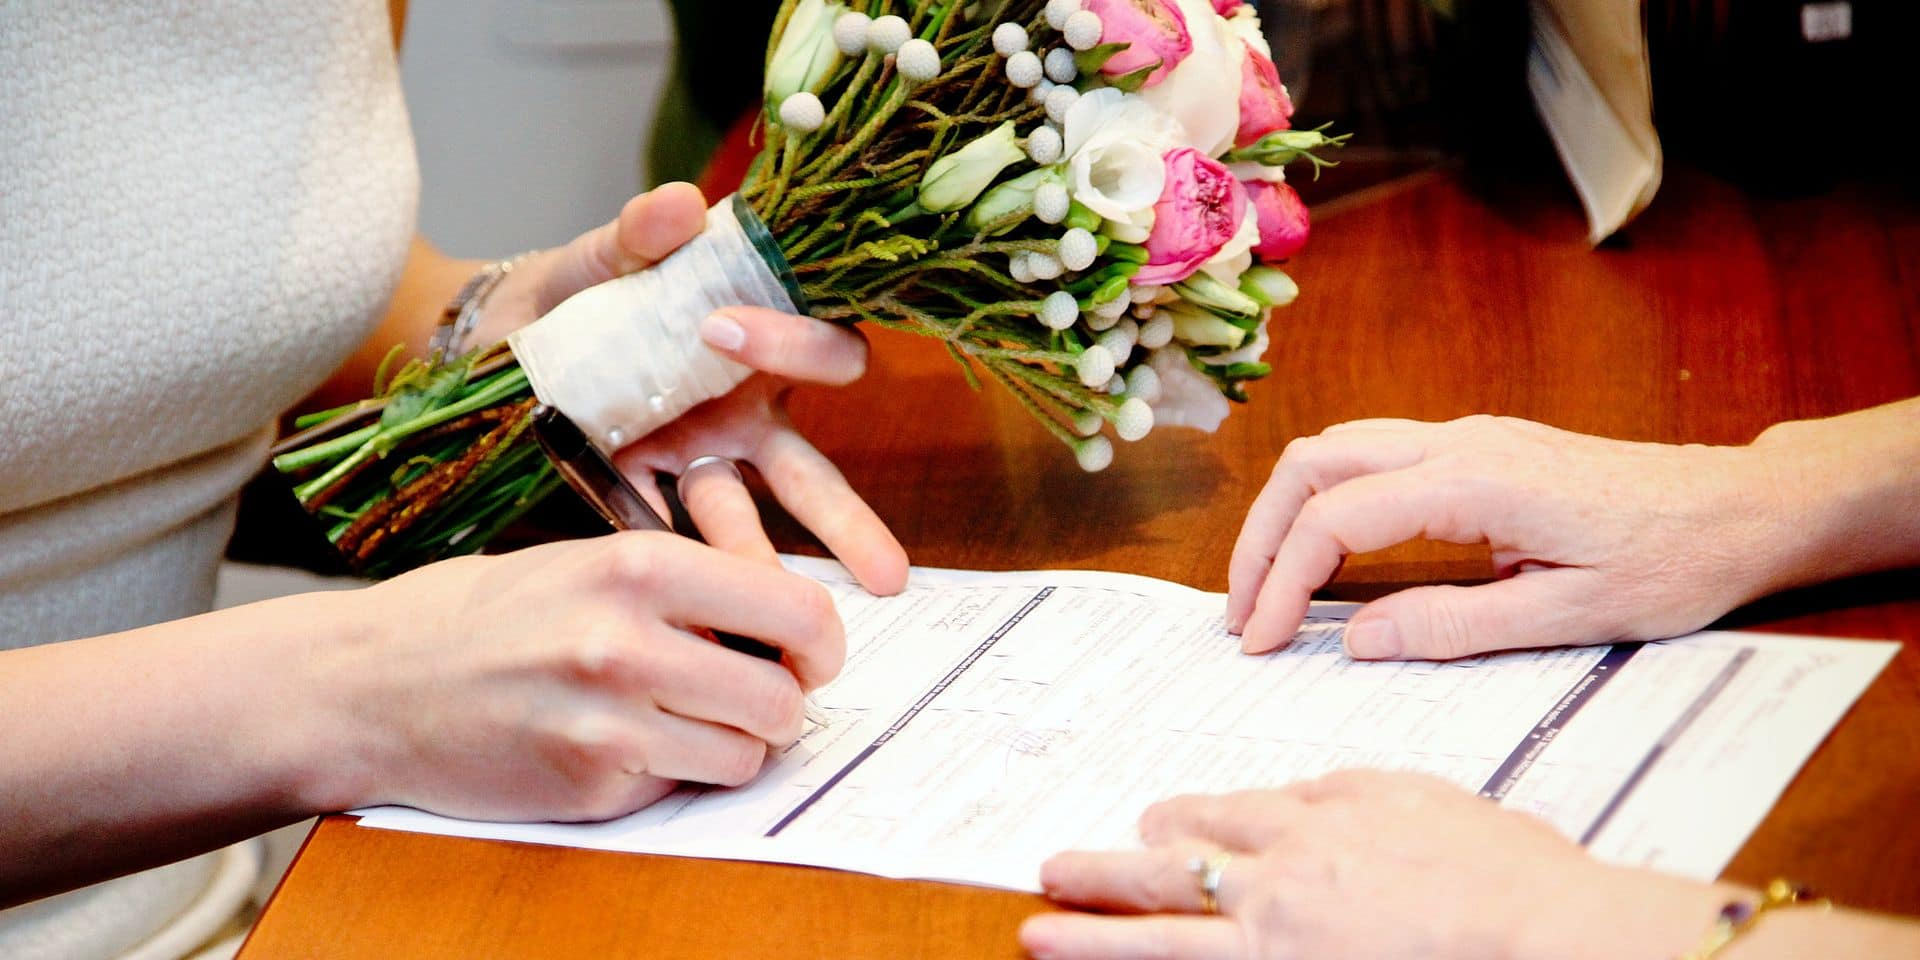 Le mariage à l'étranger, la nouvelle manière de contourner la lutte contre les mariages blancs